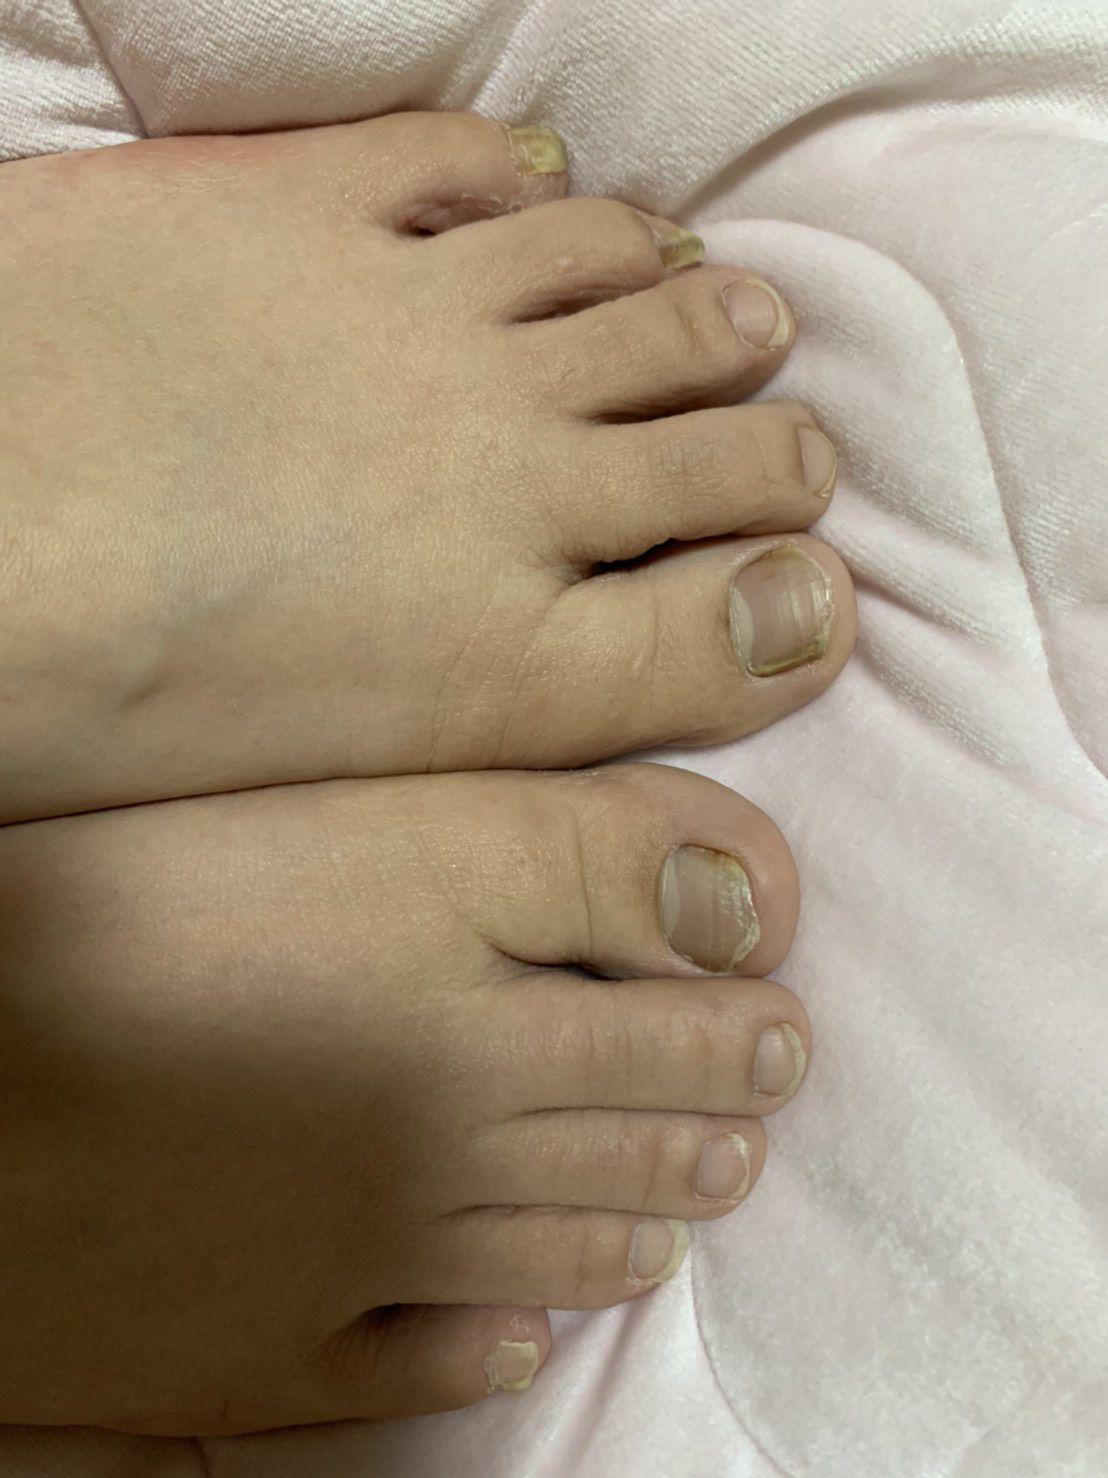 普通の女の子の足の爪切り-スマホ自撮り◎内田彩子(28歳)ヤクルトレディ サンプル画像05